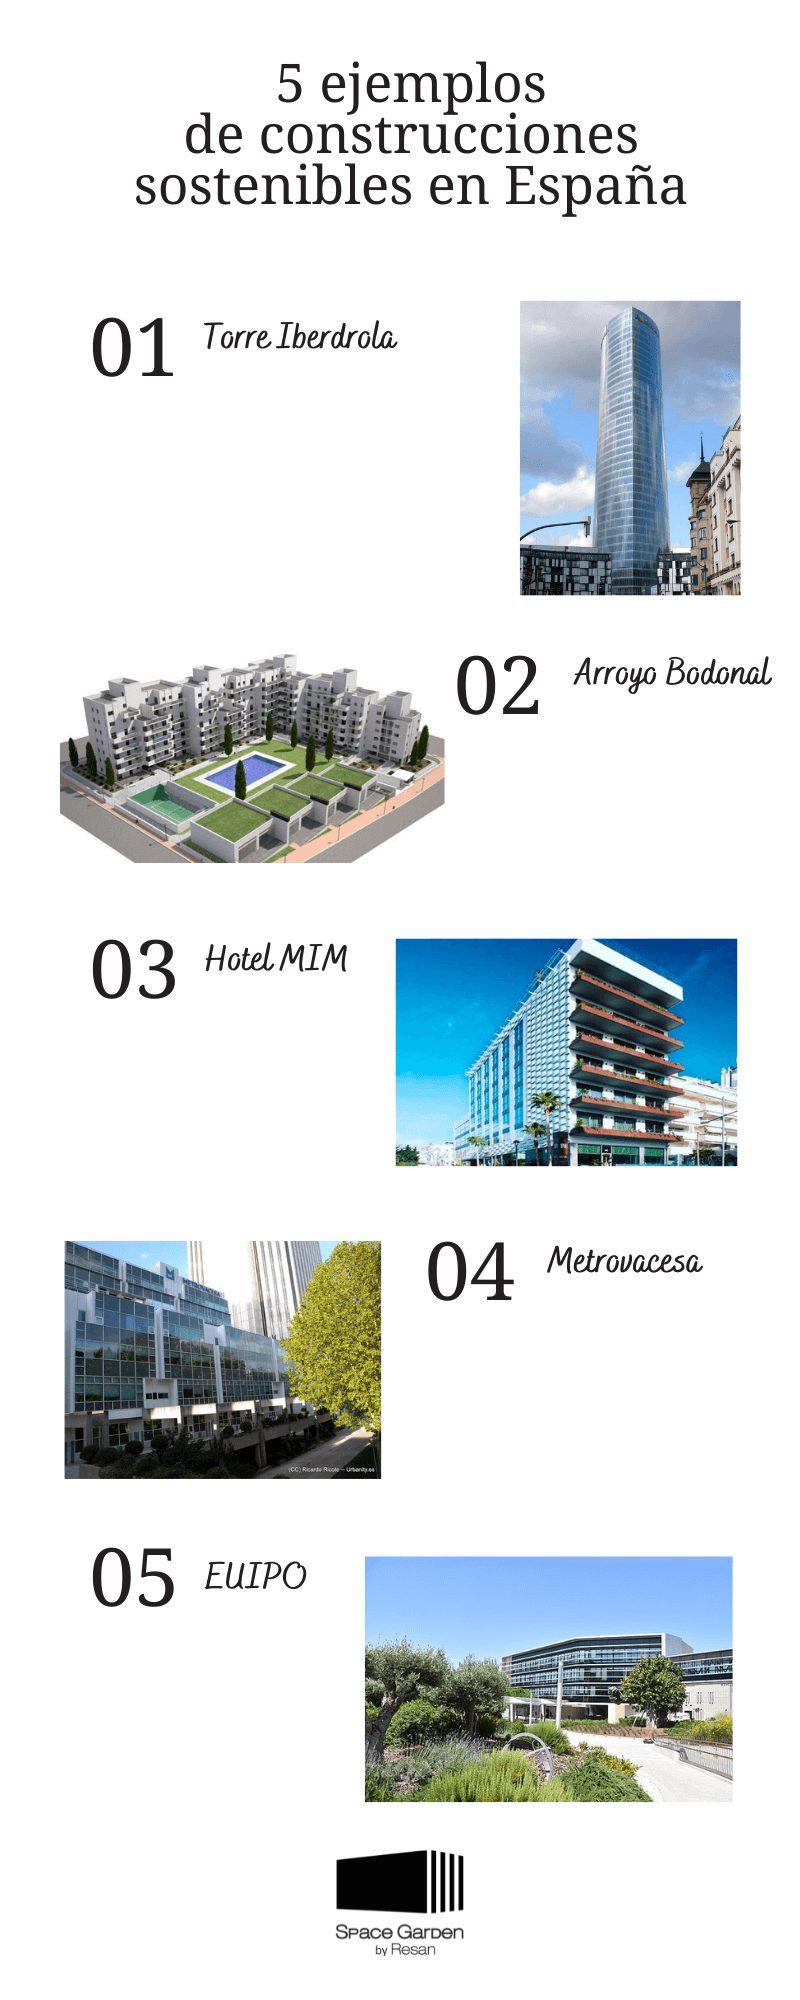 arquitectura sostenible ejemplos españa